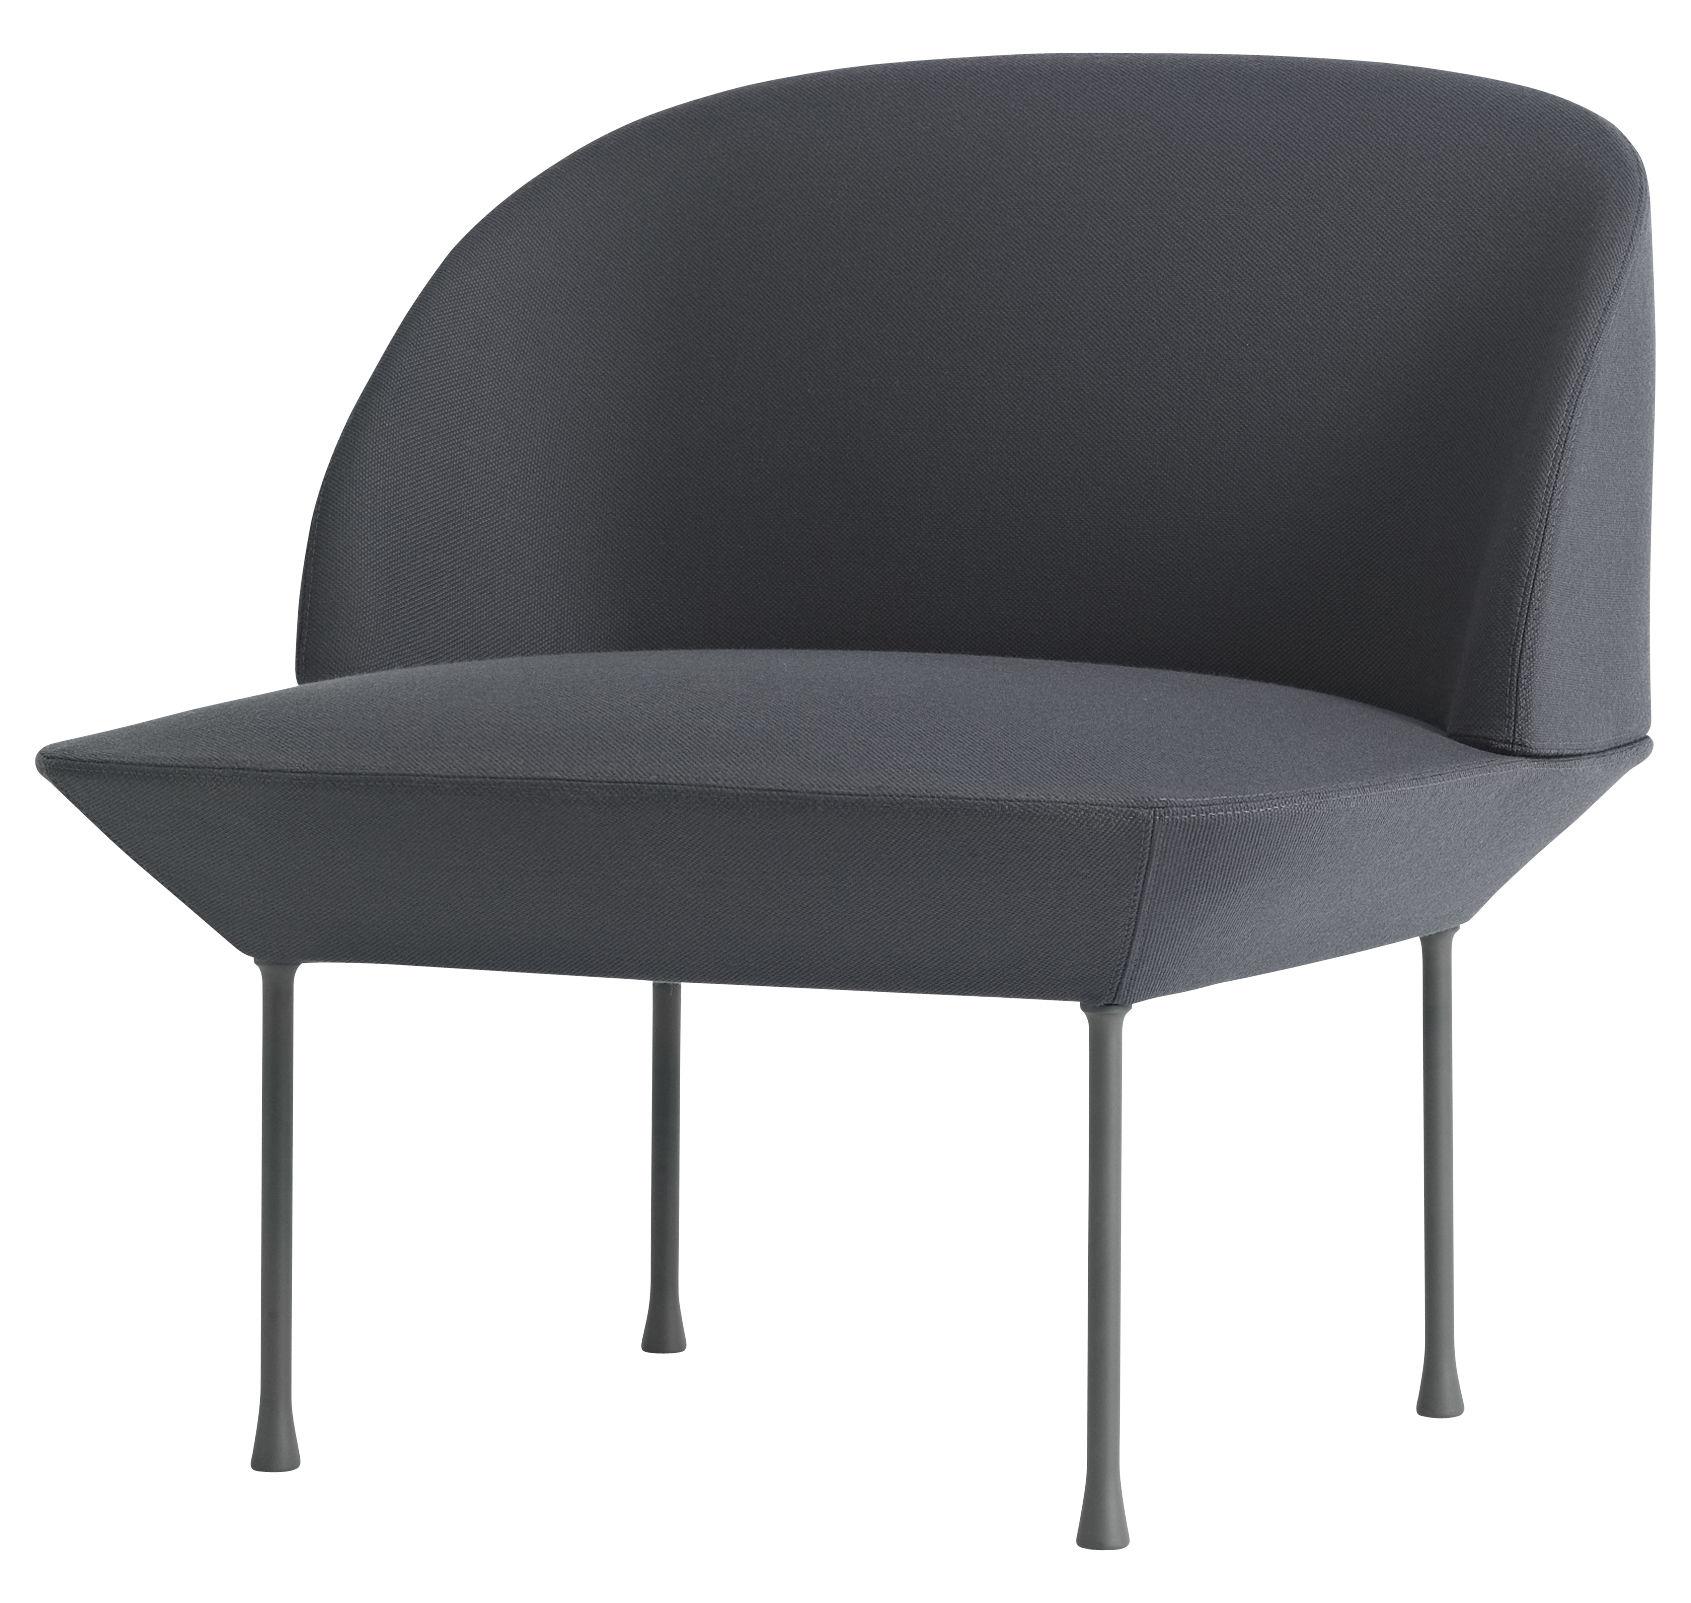 Arredamento - Poltrone design  - Poltrona imbottita Oslo di Muuto - Grigio scuro - Alluminio, Espanso, Tessuto Kvadrat